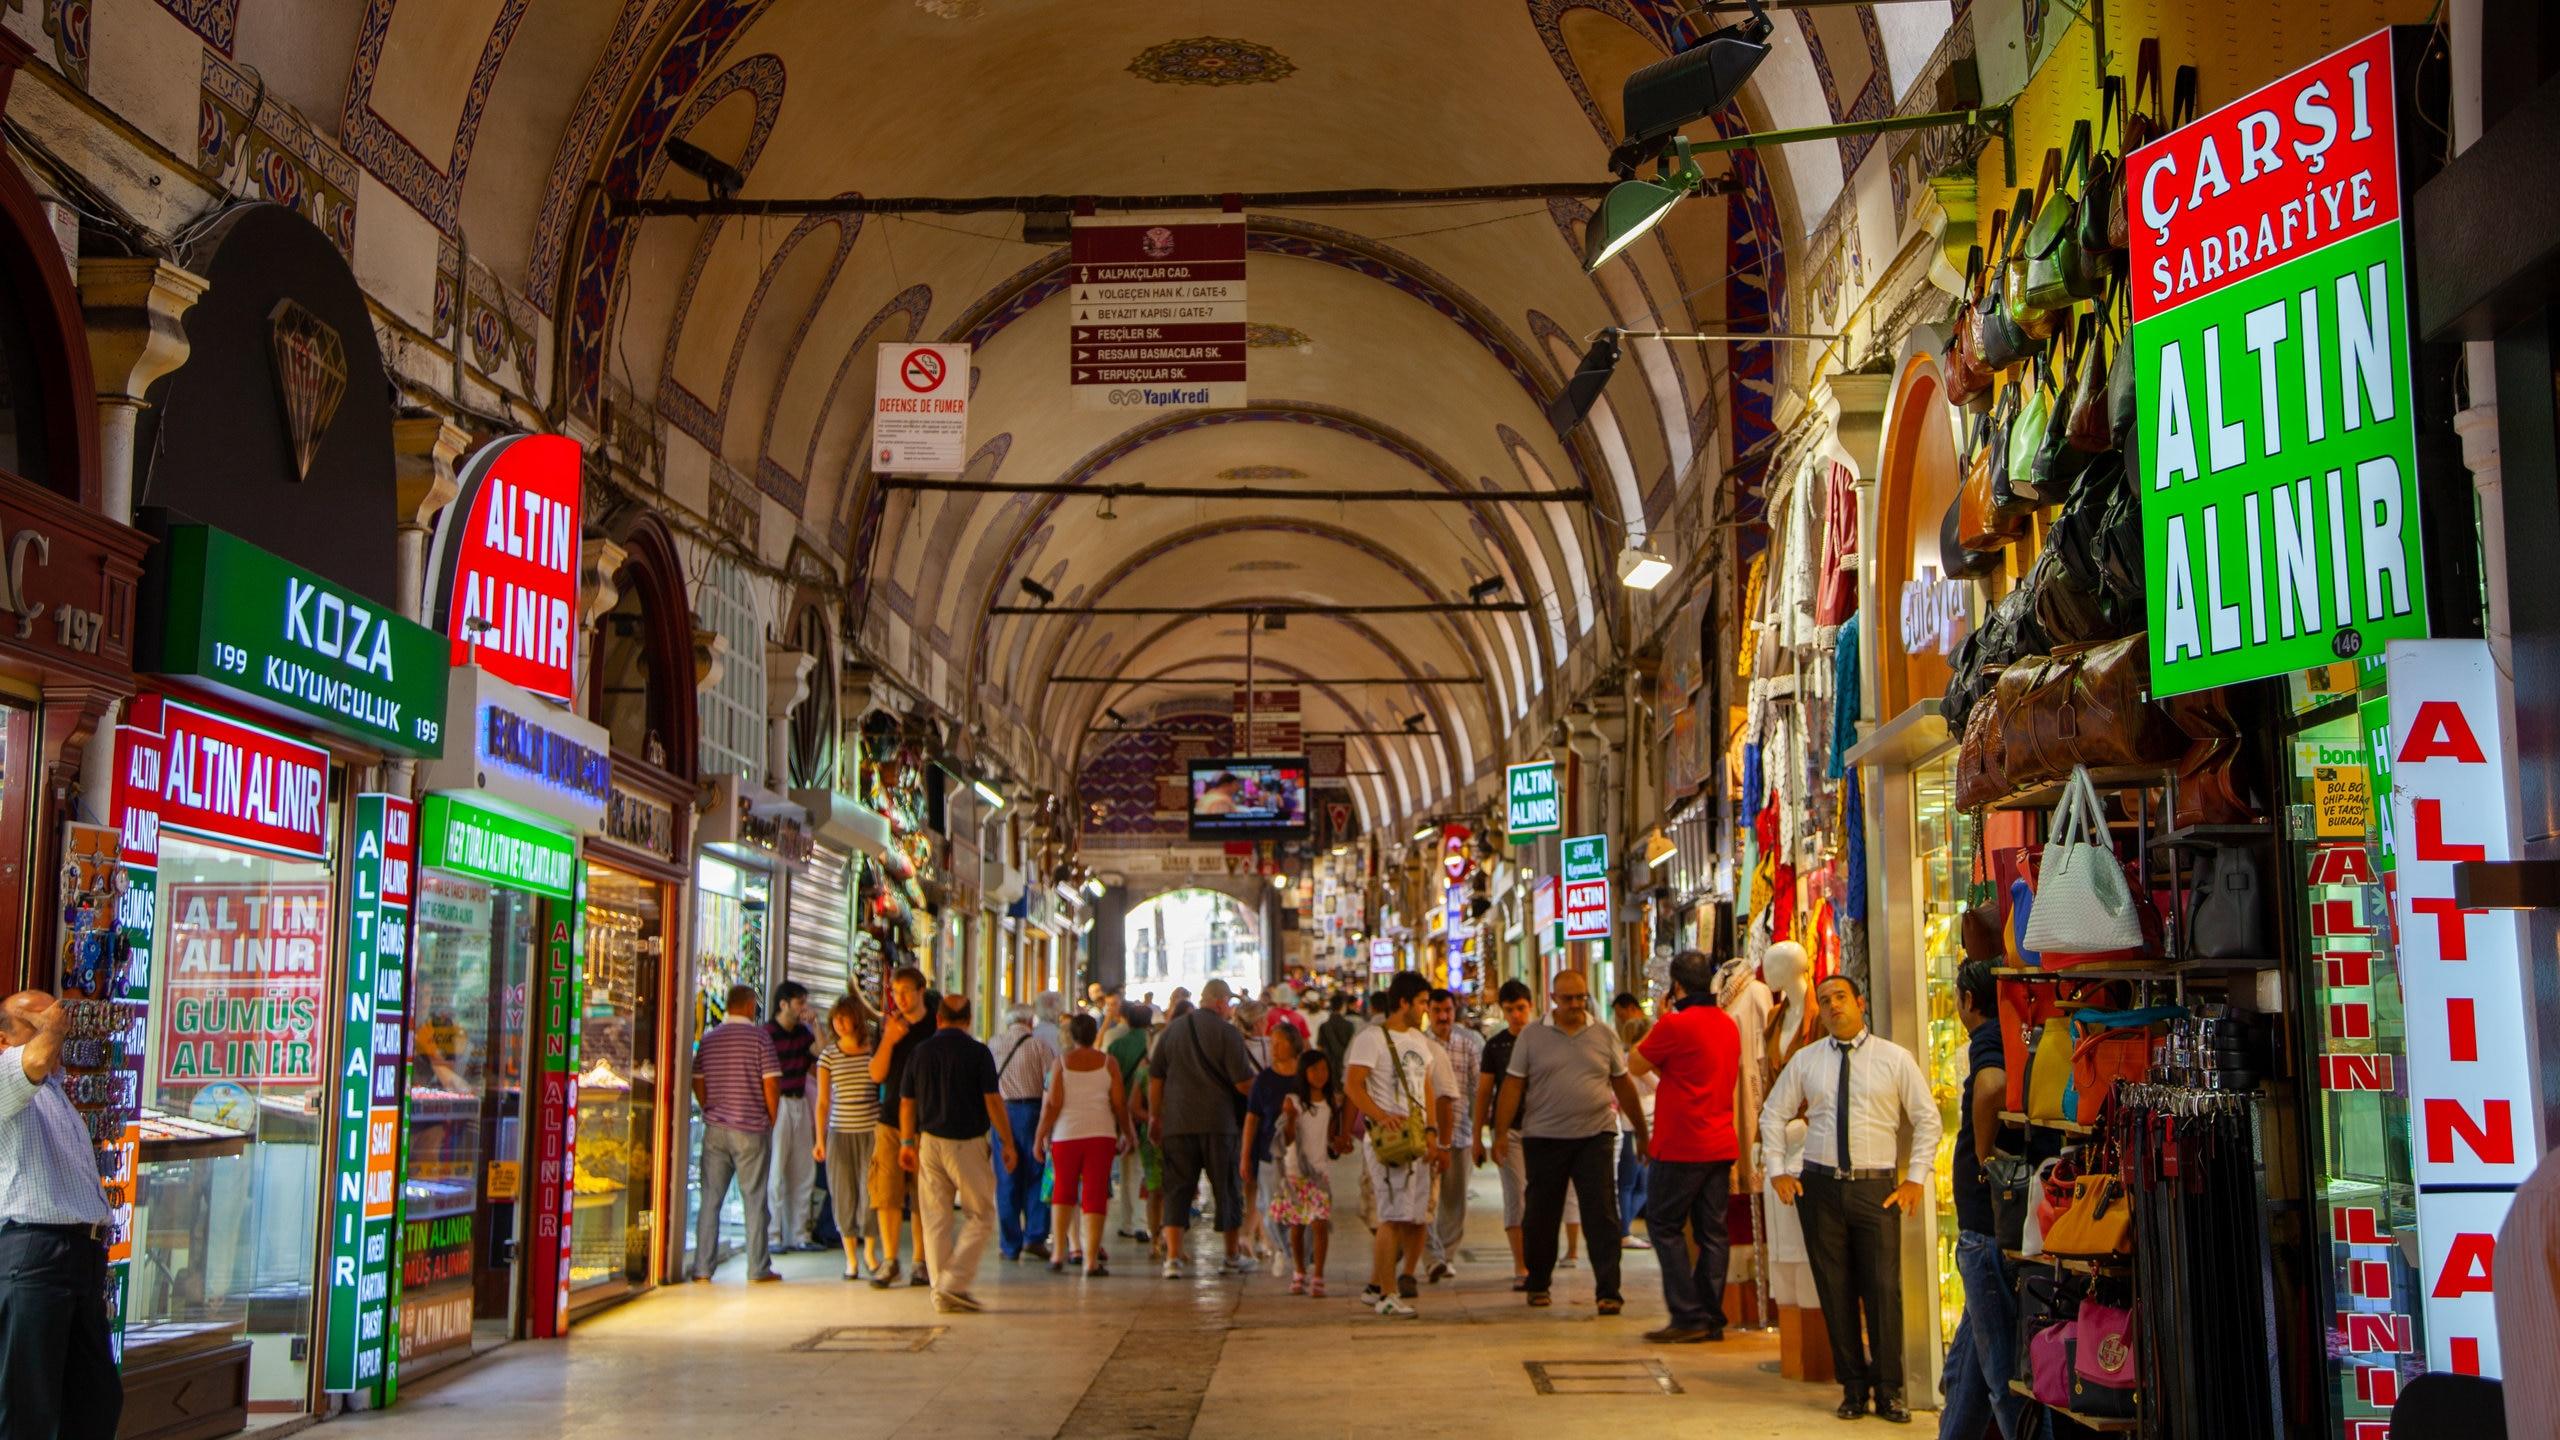 Entre no labirinto de ruas apinhadas de lojas de um dos maiores e mais antigos mercados cobertos do mundo para ver centenas de milhares de objetos feitos à mão.